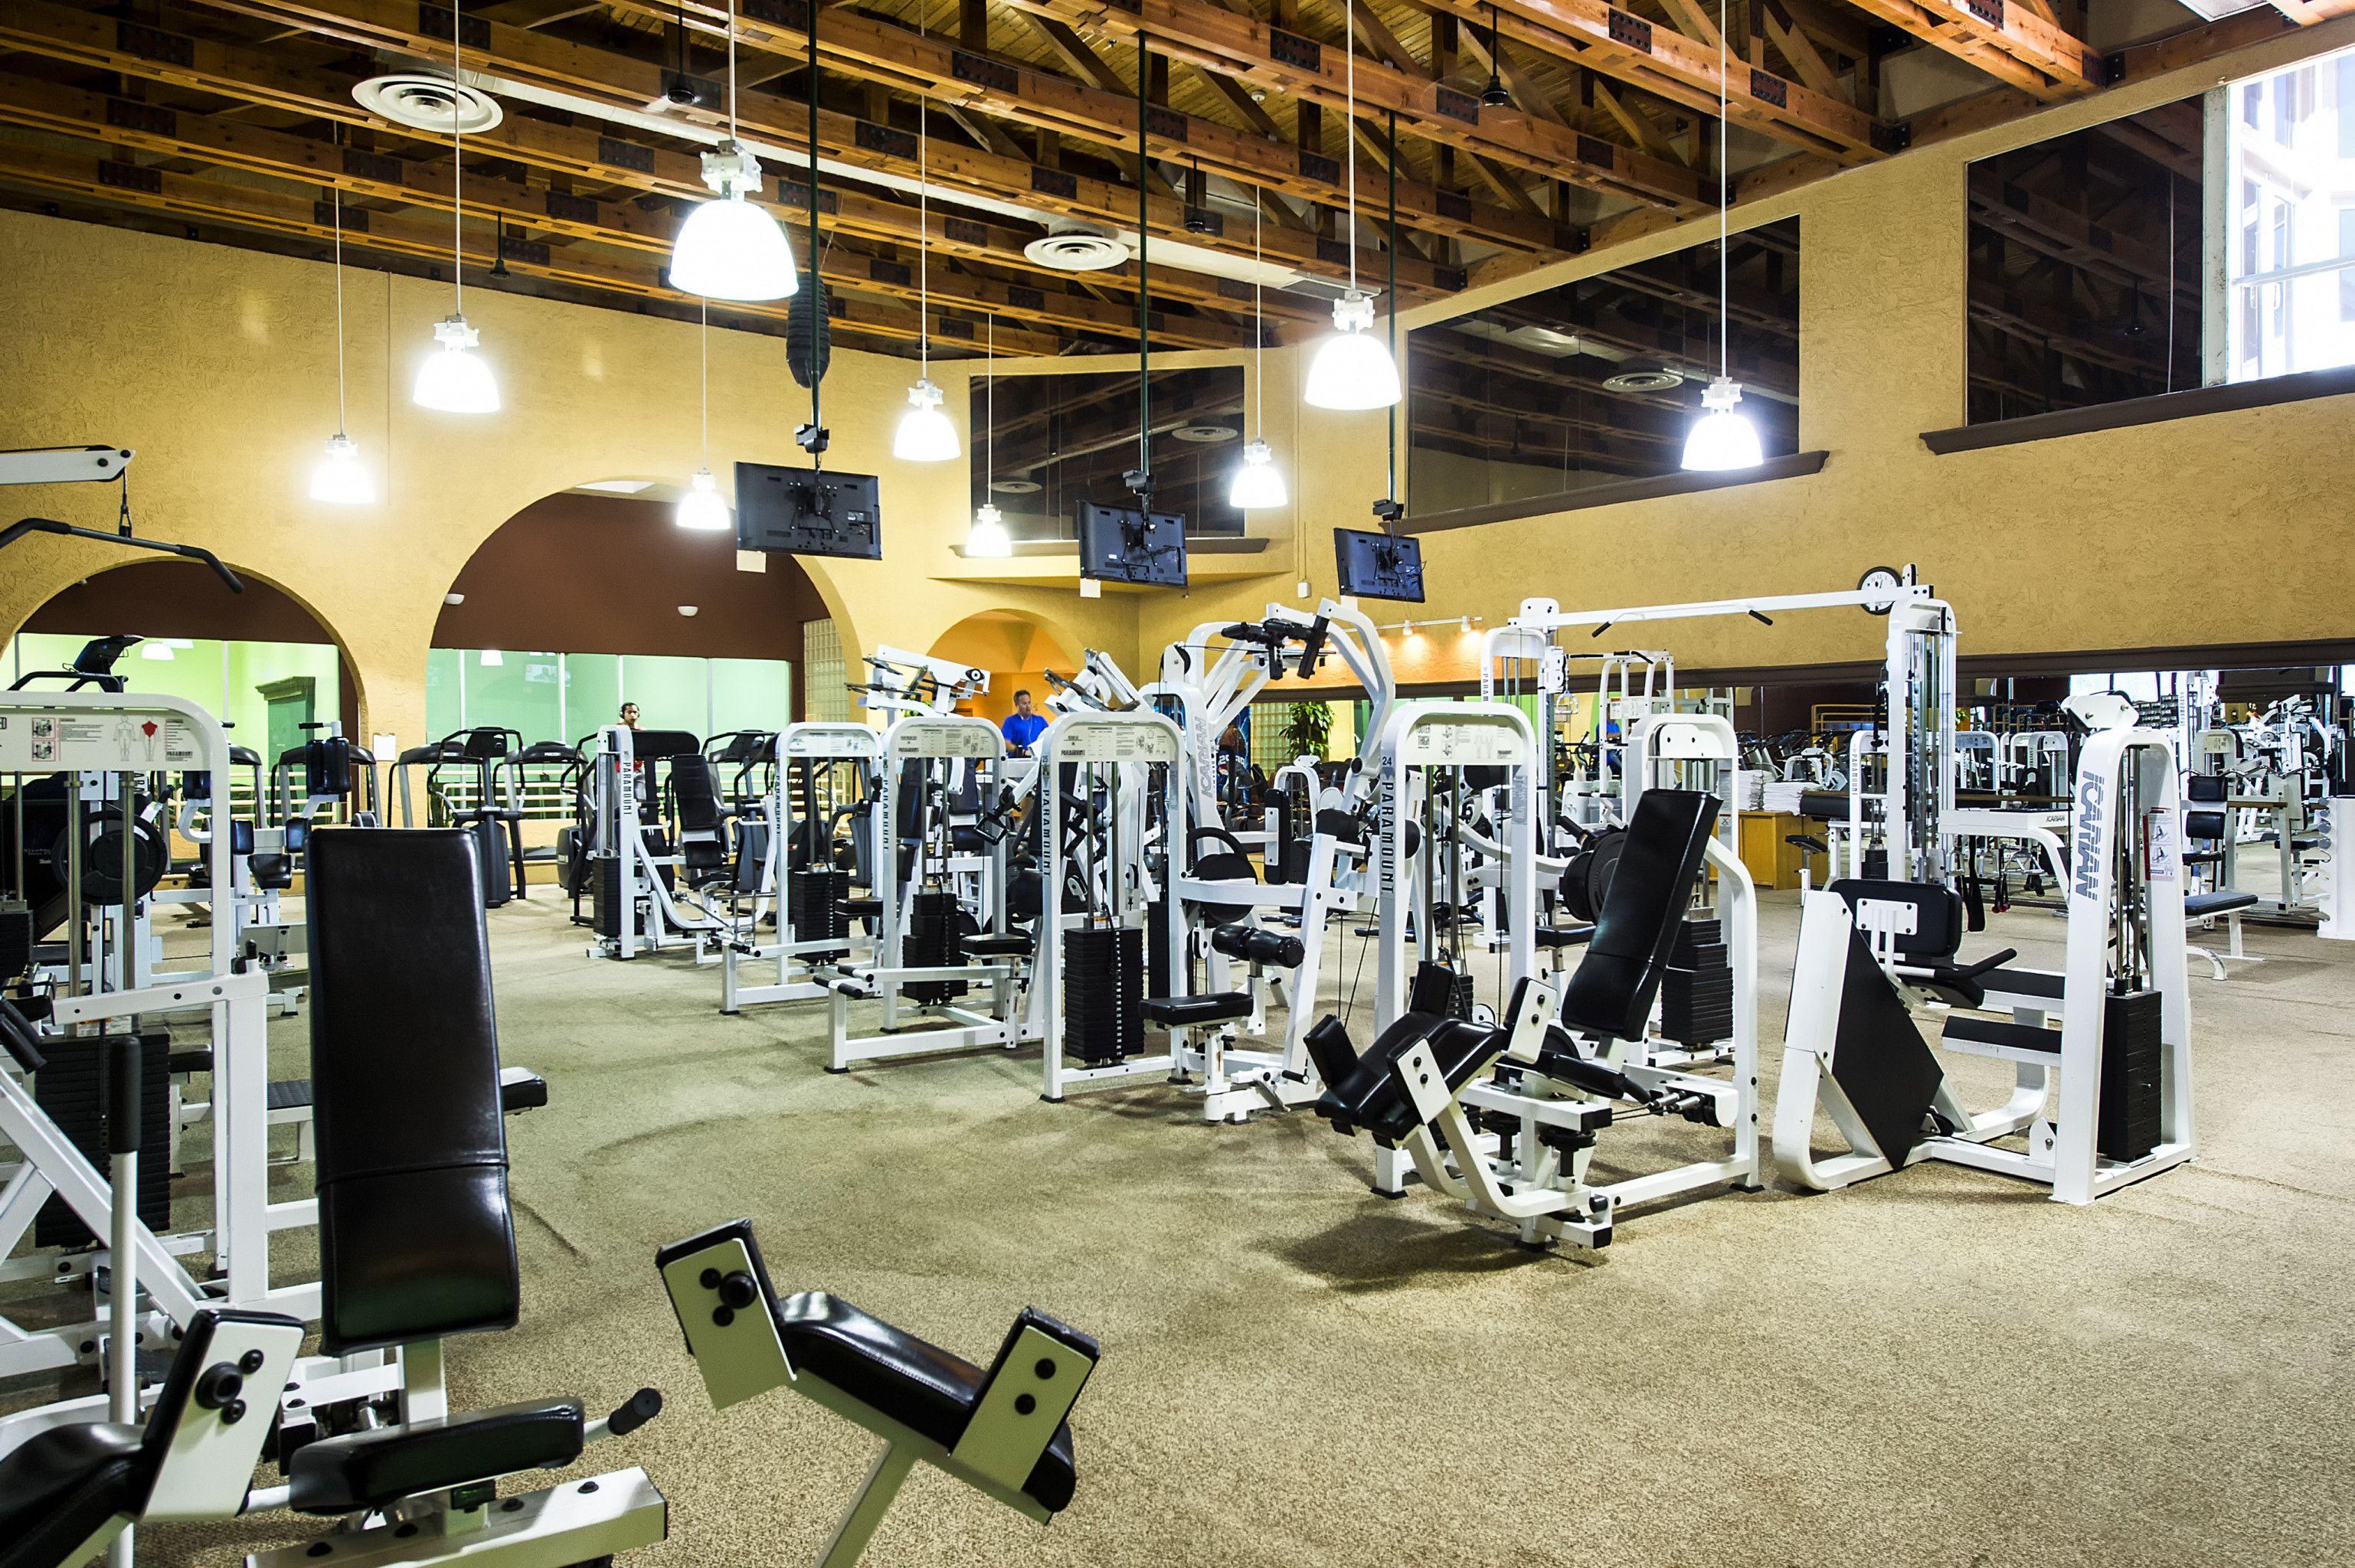 Athletic Club Athletic Clubs Spa Cardiovascular Training